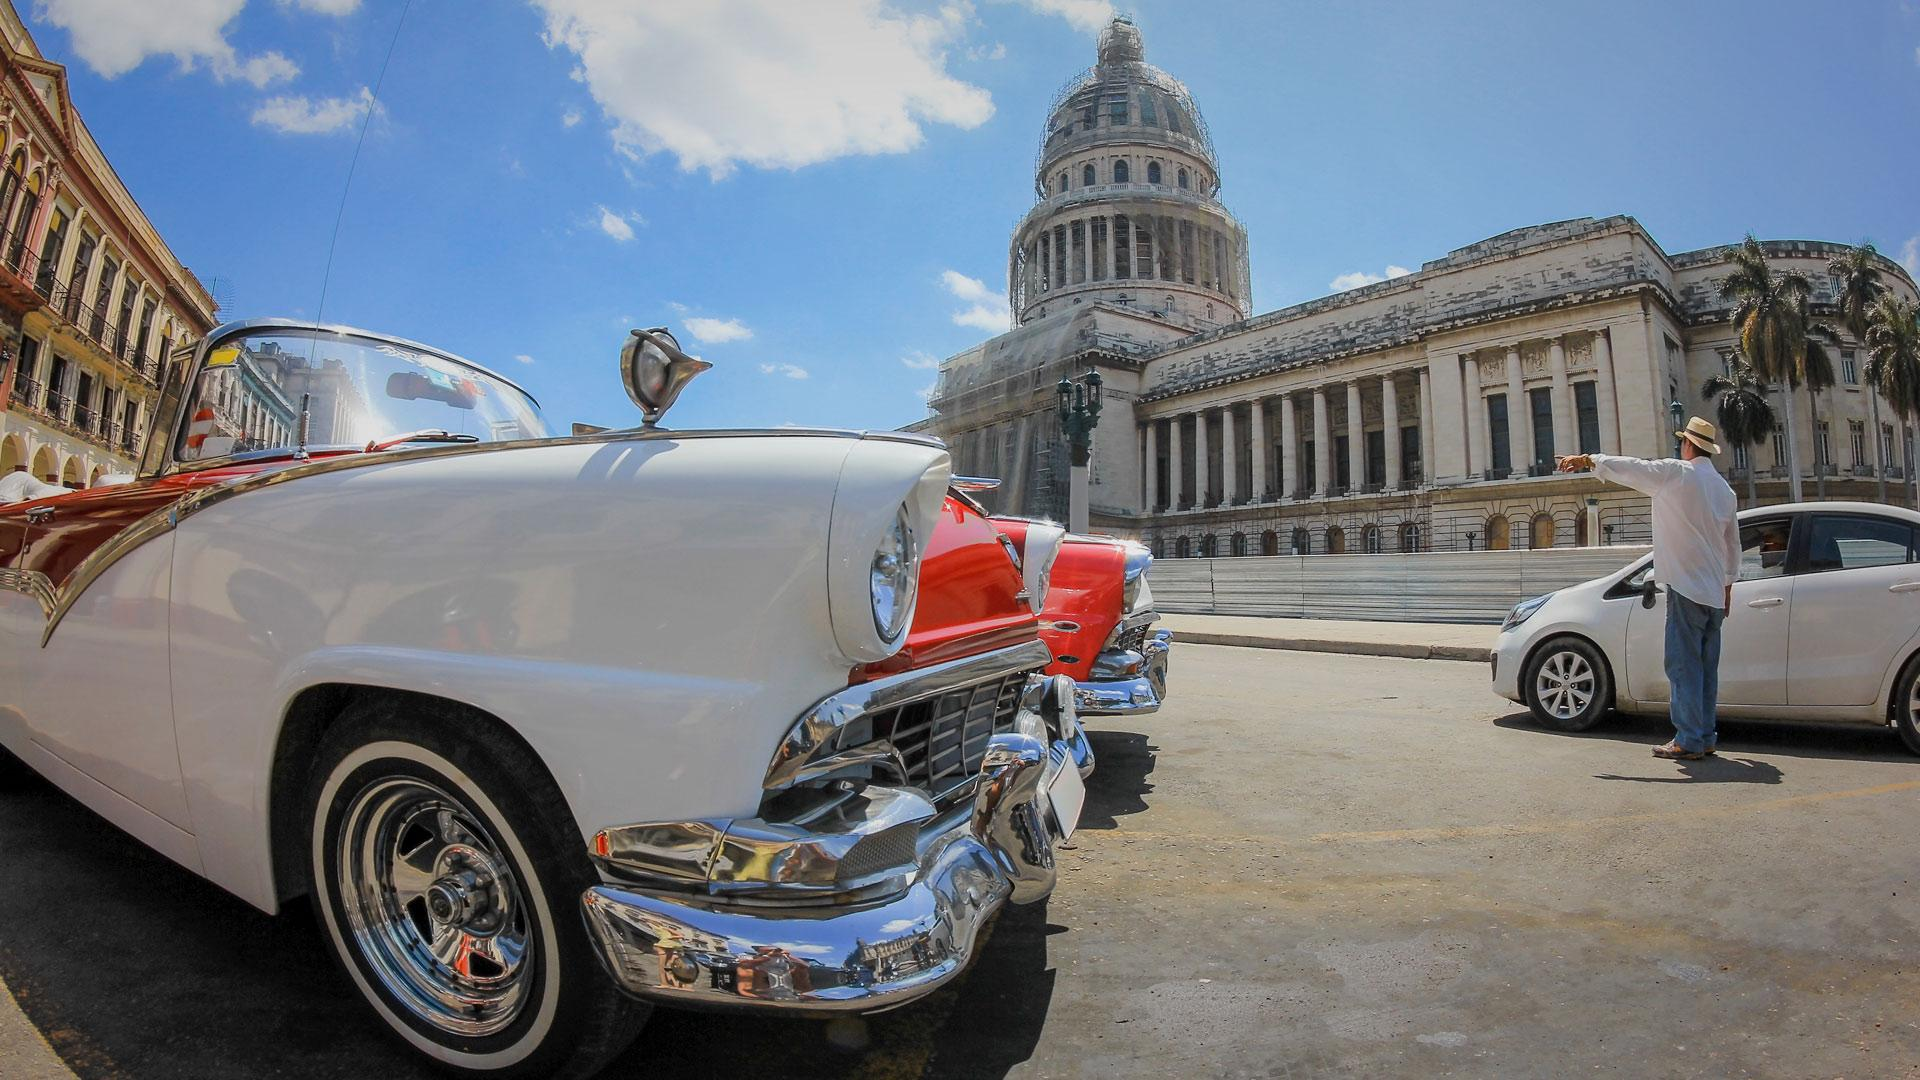 ofertas cuba 2x1 2016, La Habana y Varadero combinados Cuba